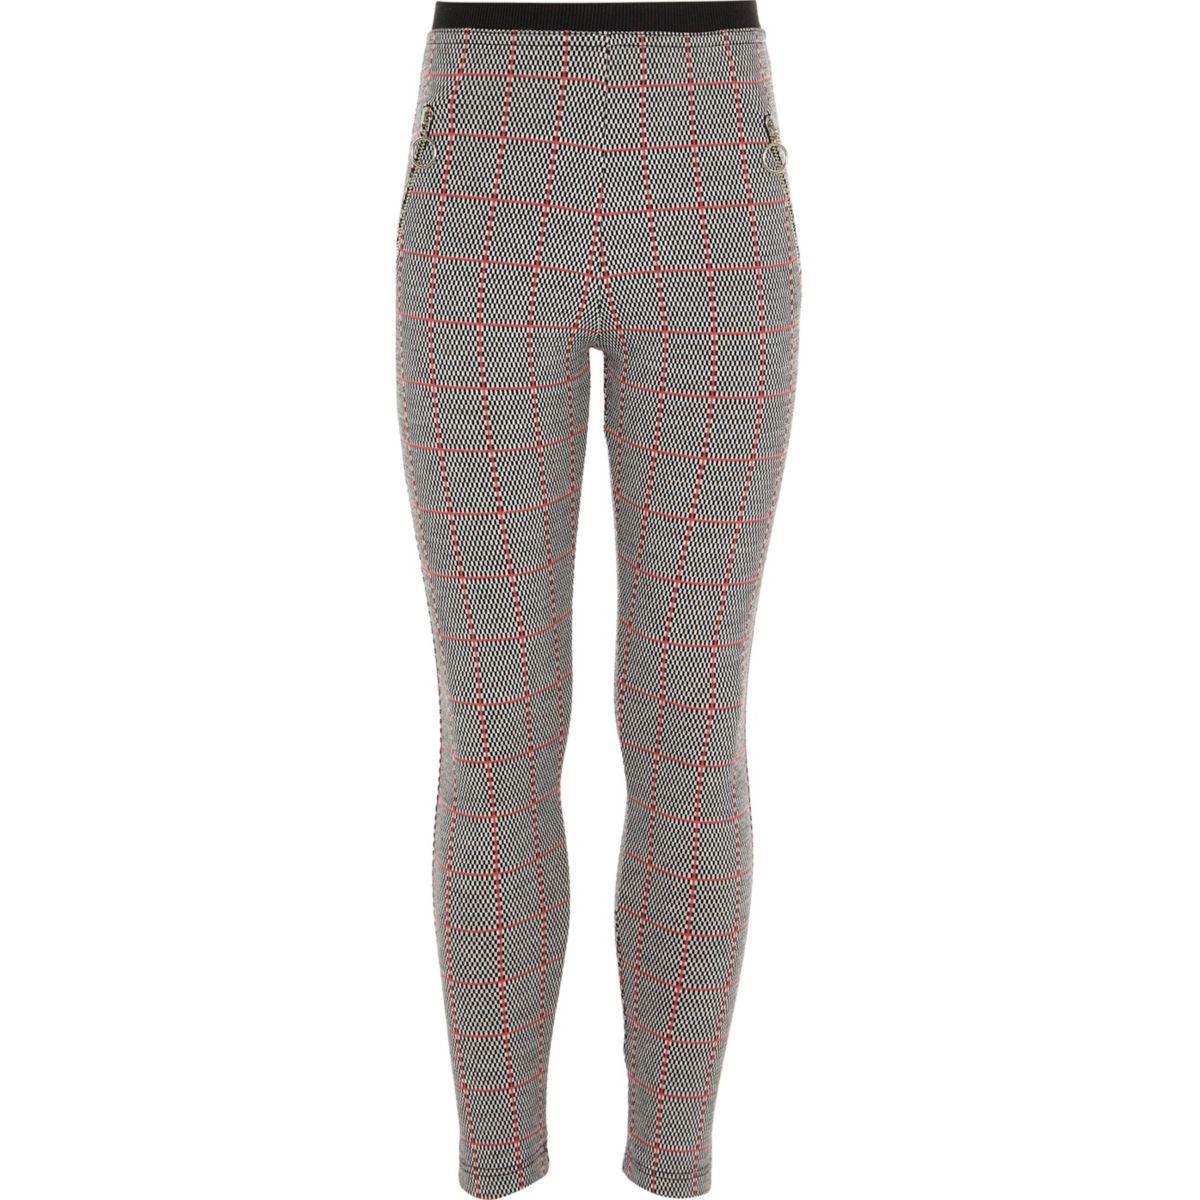 Girls grey check zip leggings